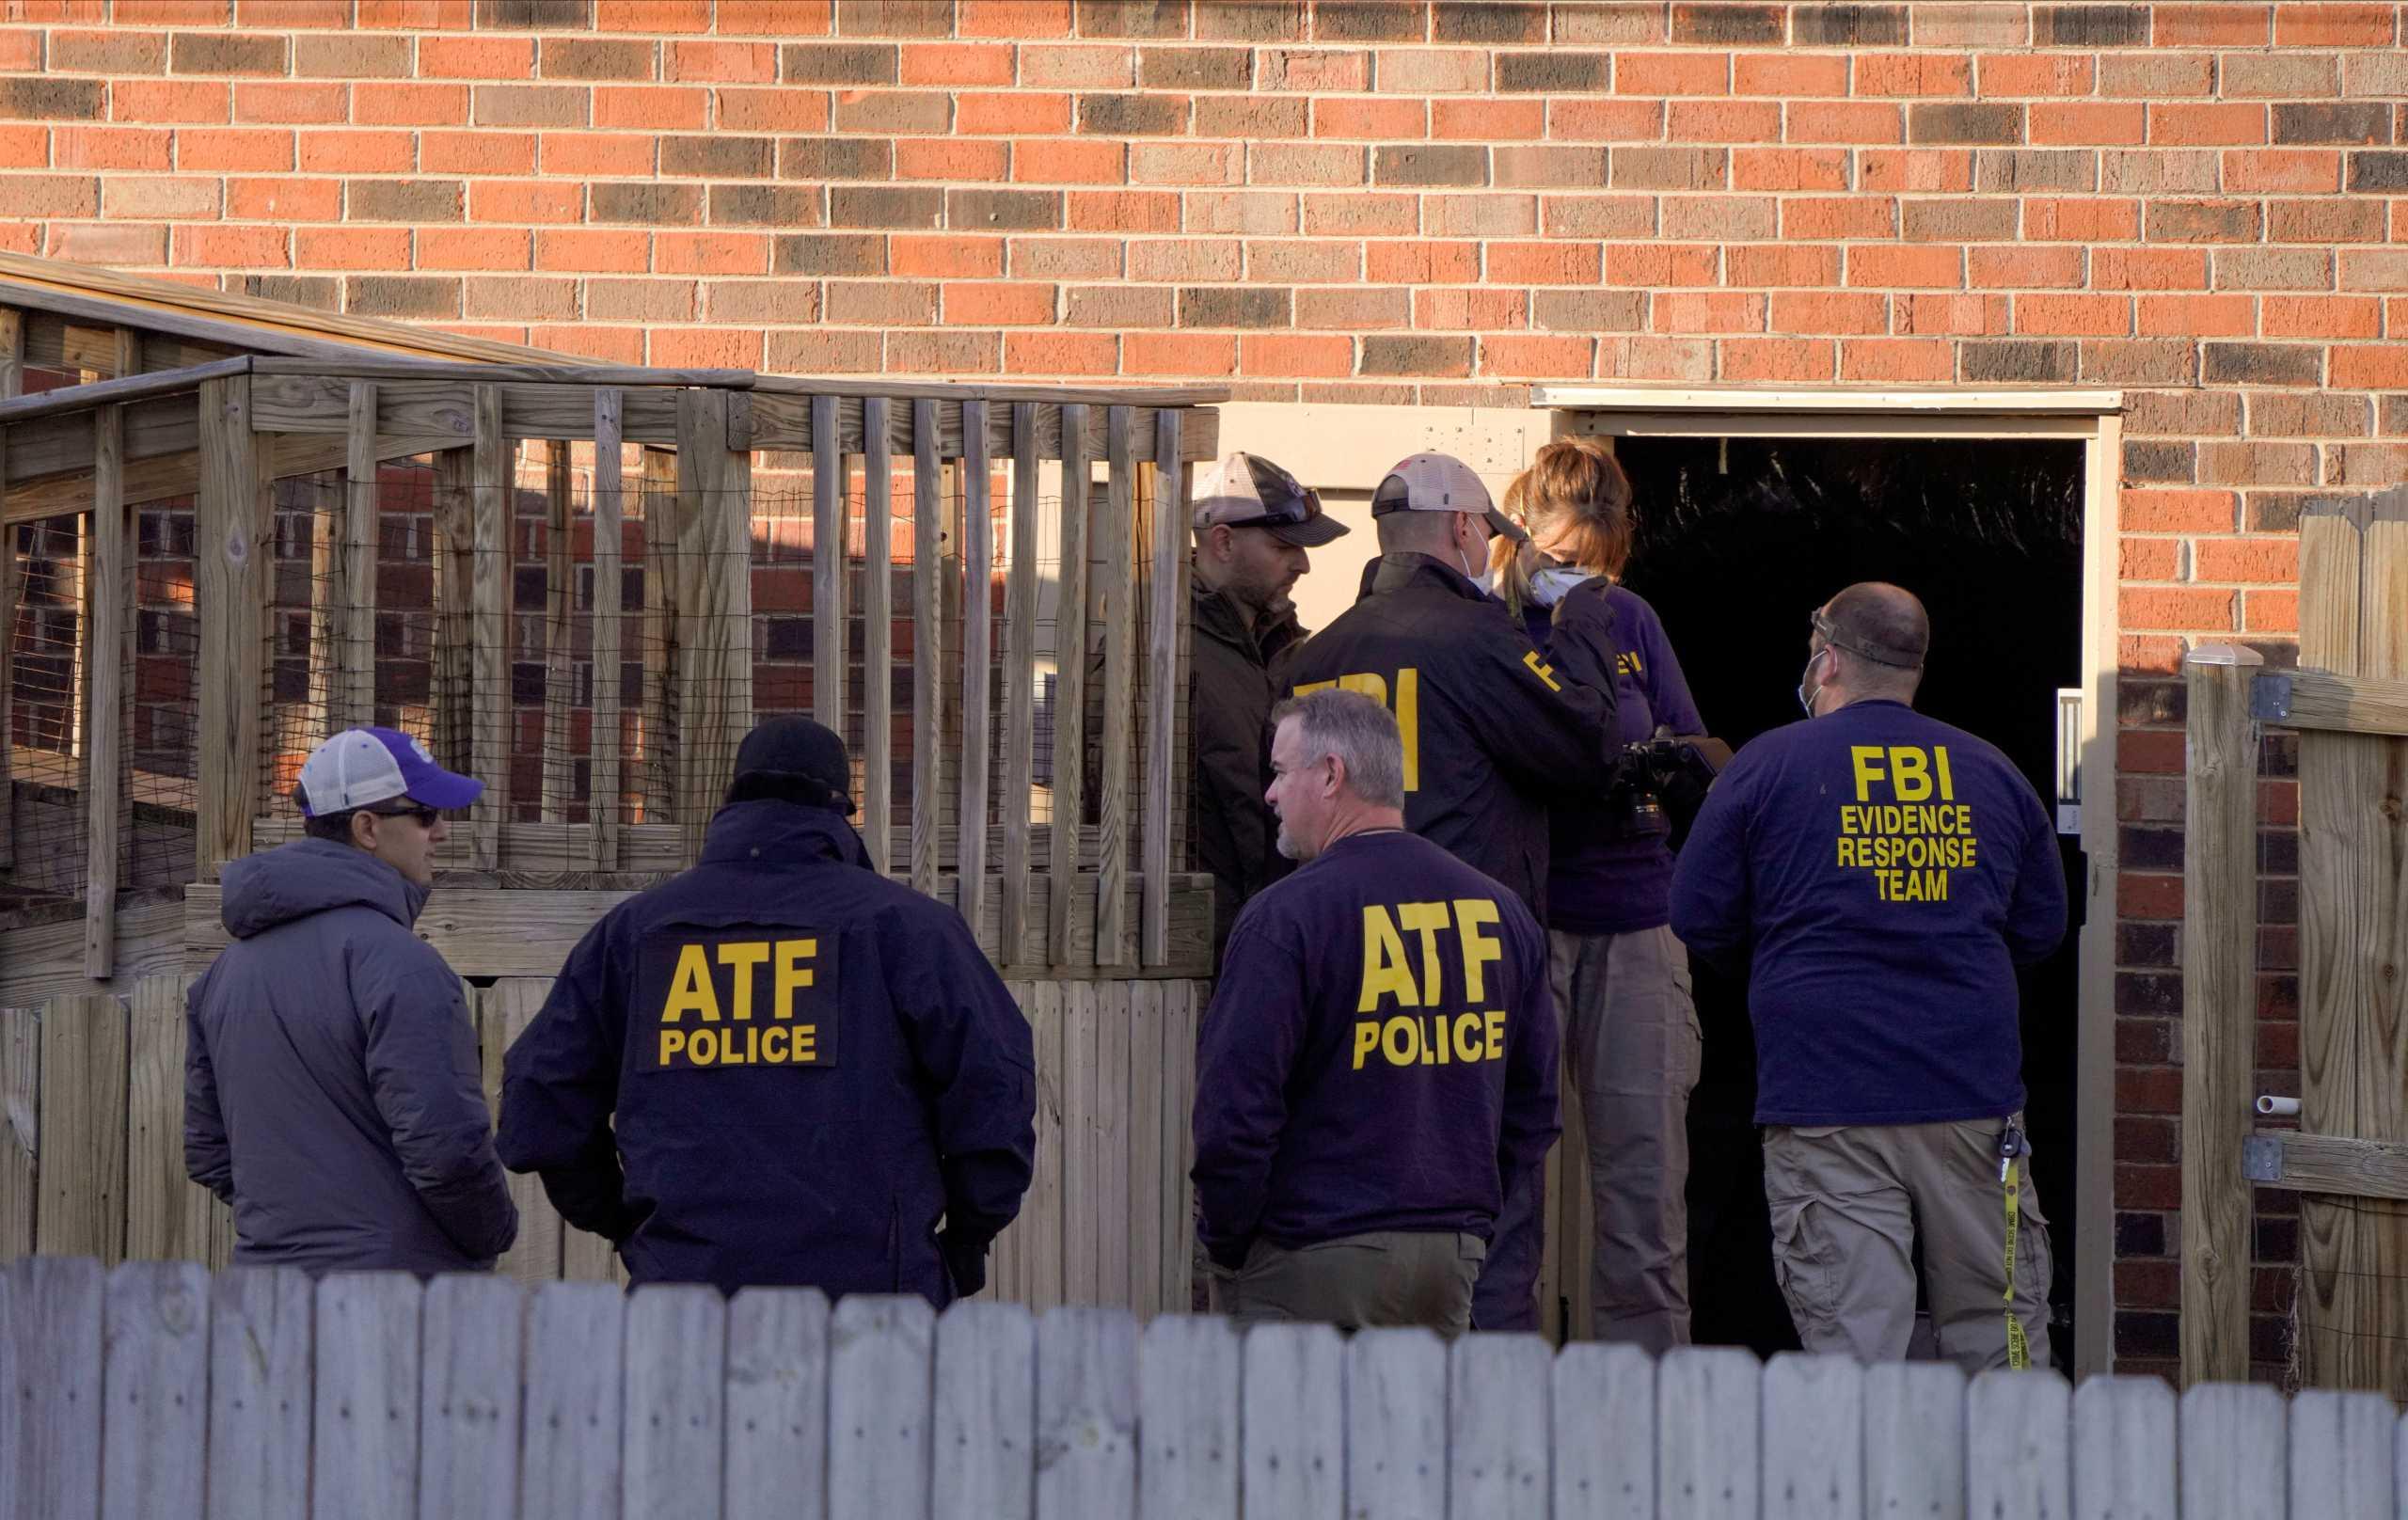 ΗΠΑ: Έρευνες του FBI για την έκρηξη στο Νάσβιλ – Στο «μικροσκόπιο» ένας 63χρονος (pics)